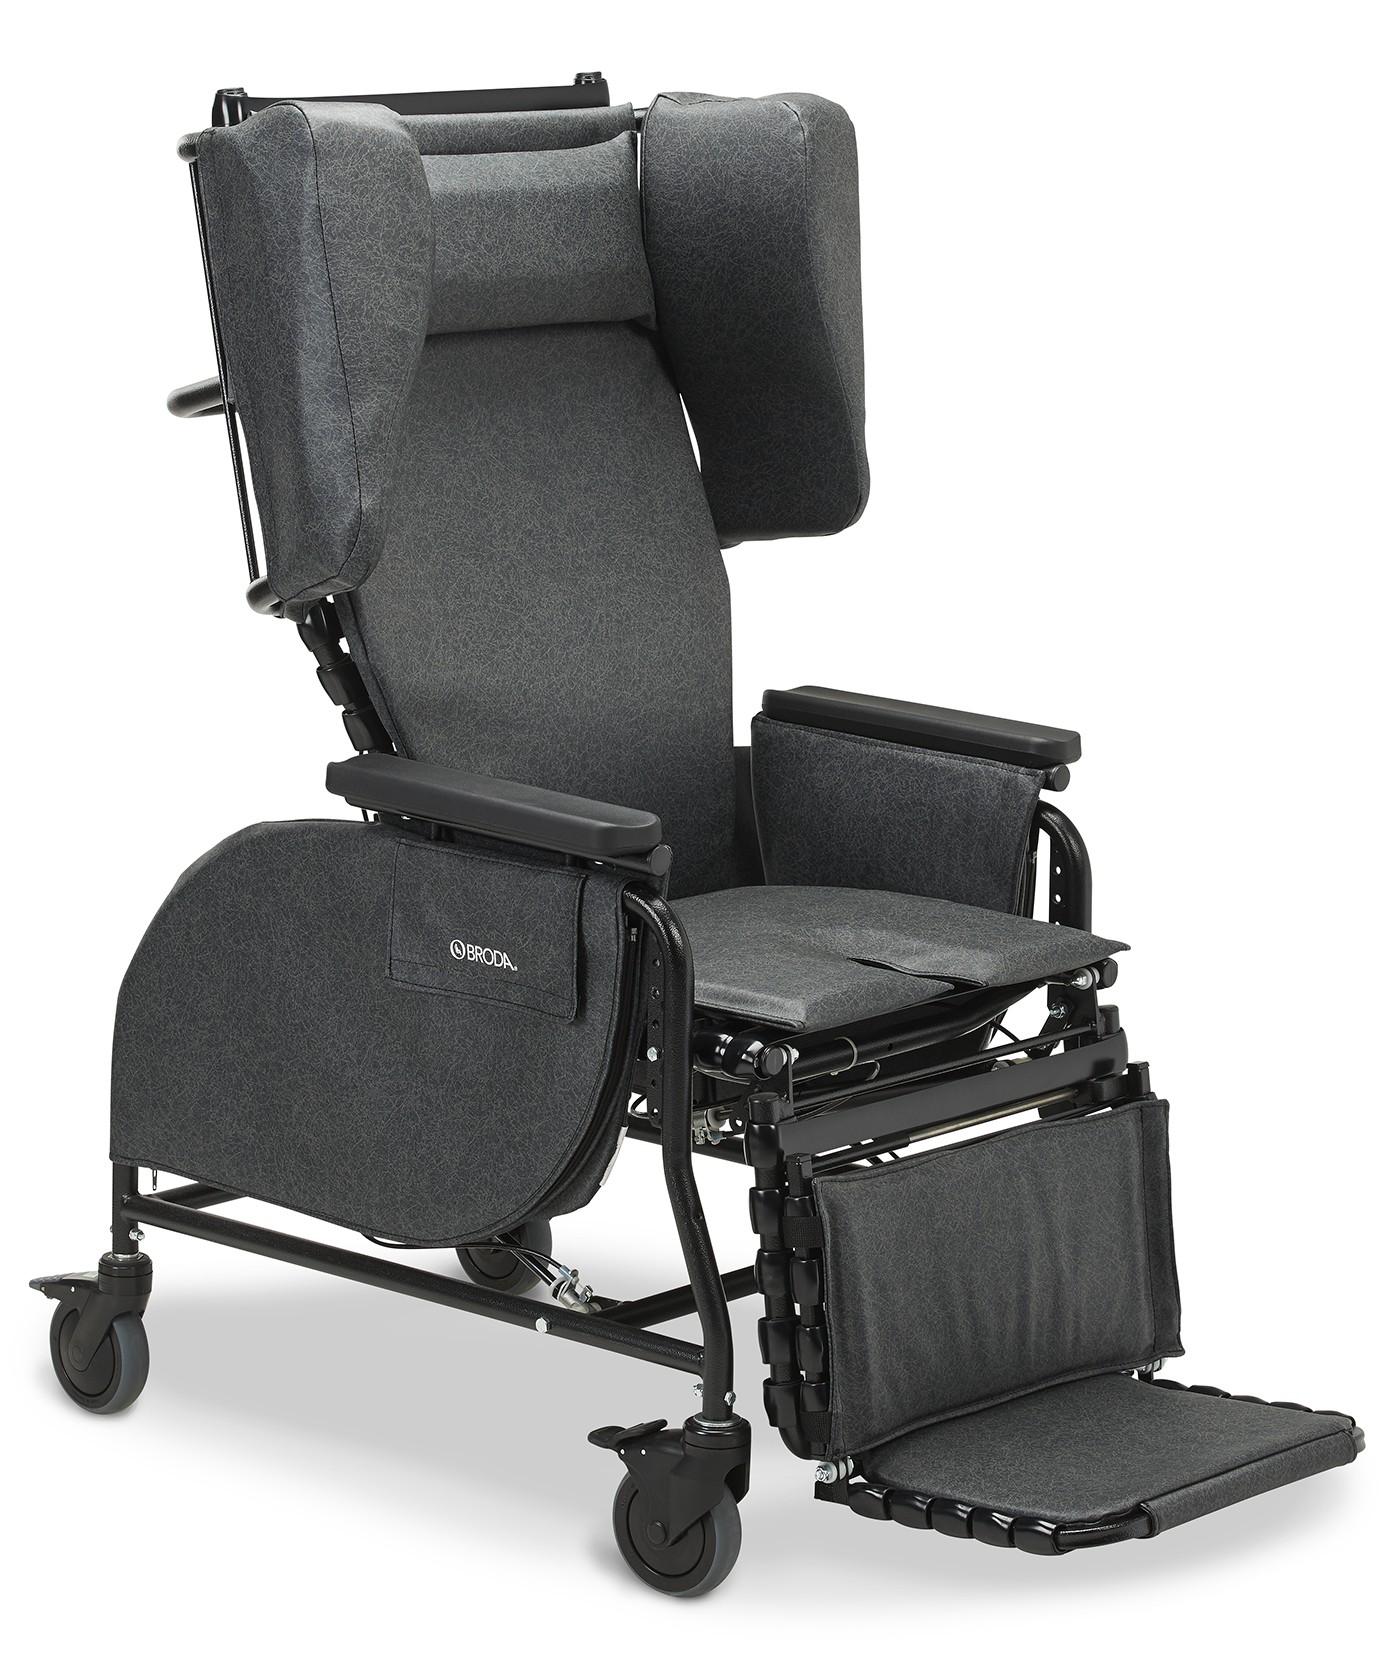 broda_1273_seat_height.jpg